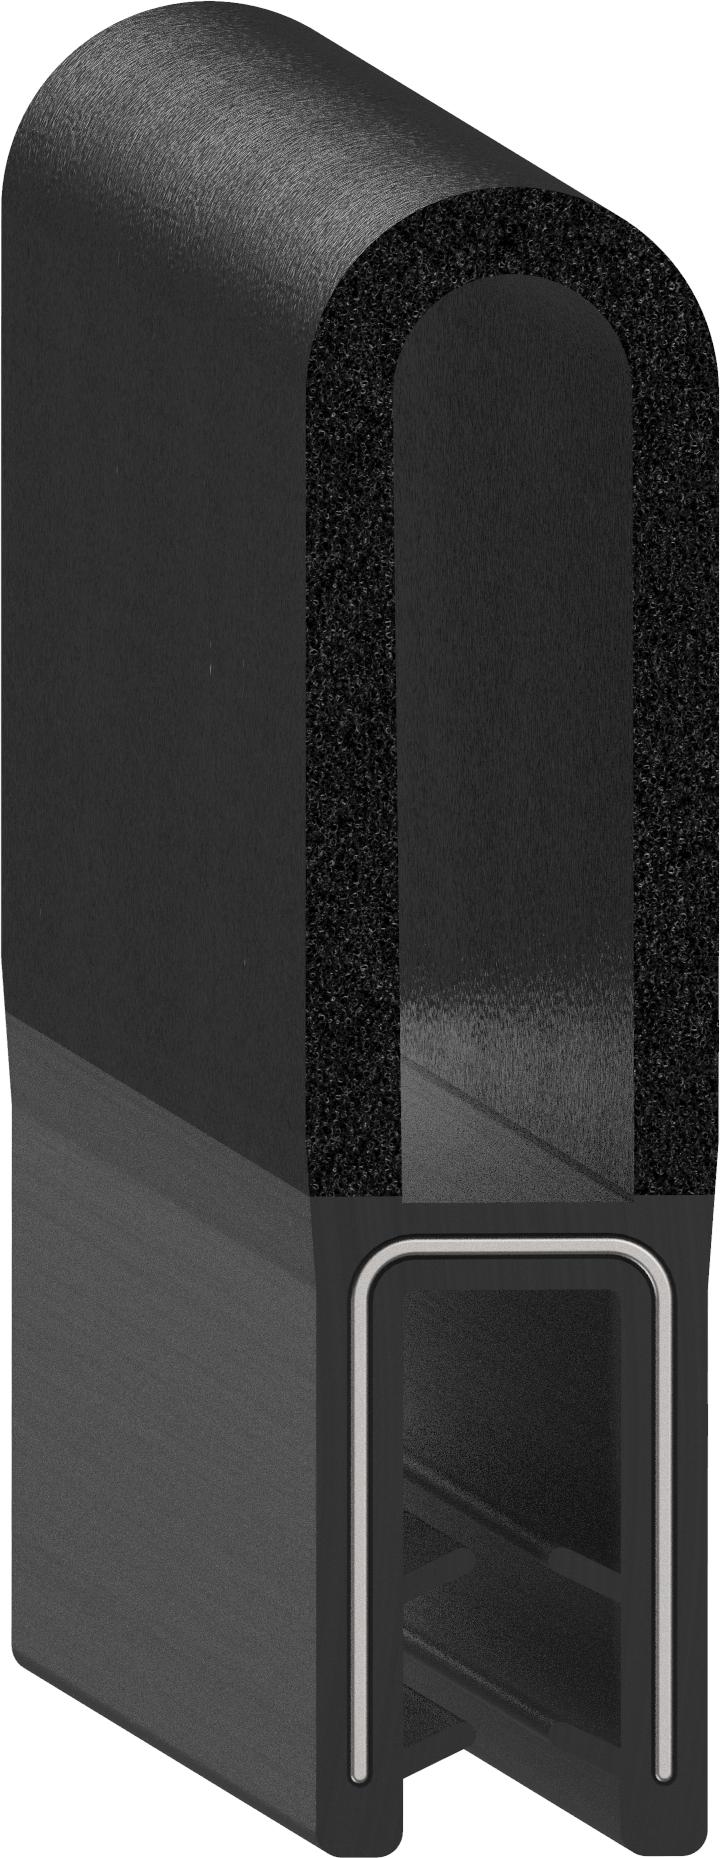 Uni-Grip part: SD-12648